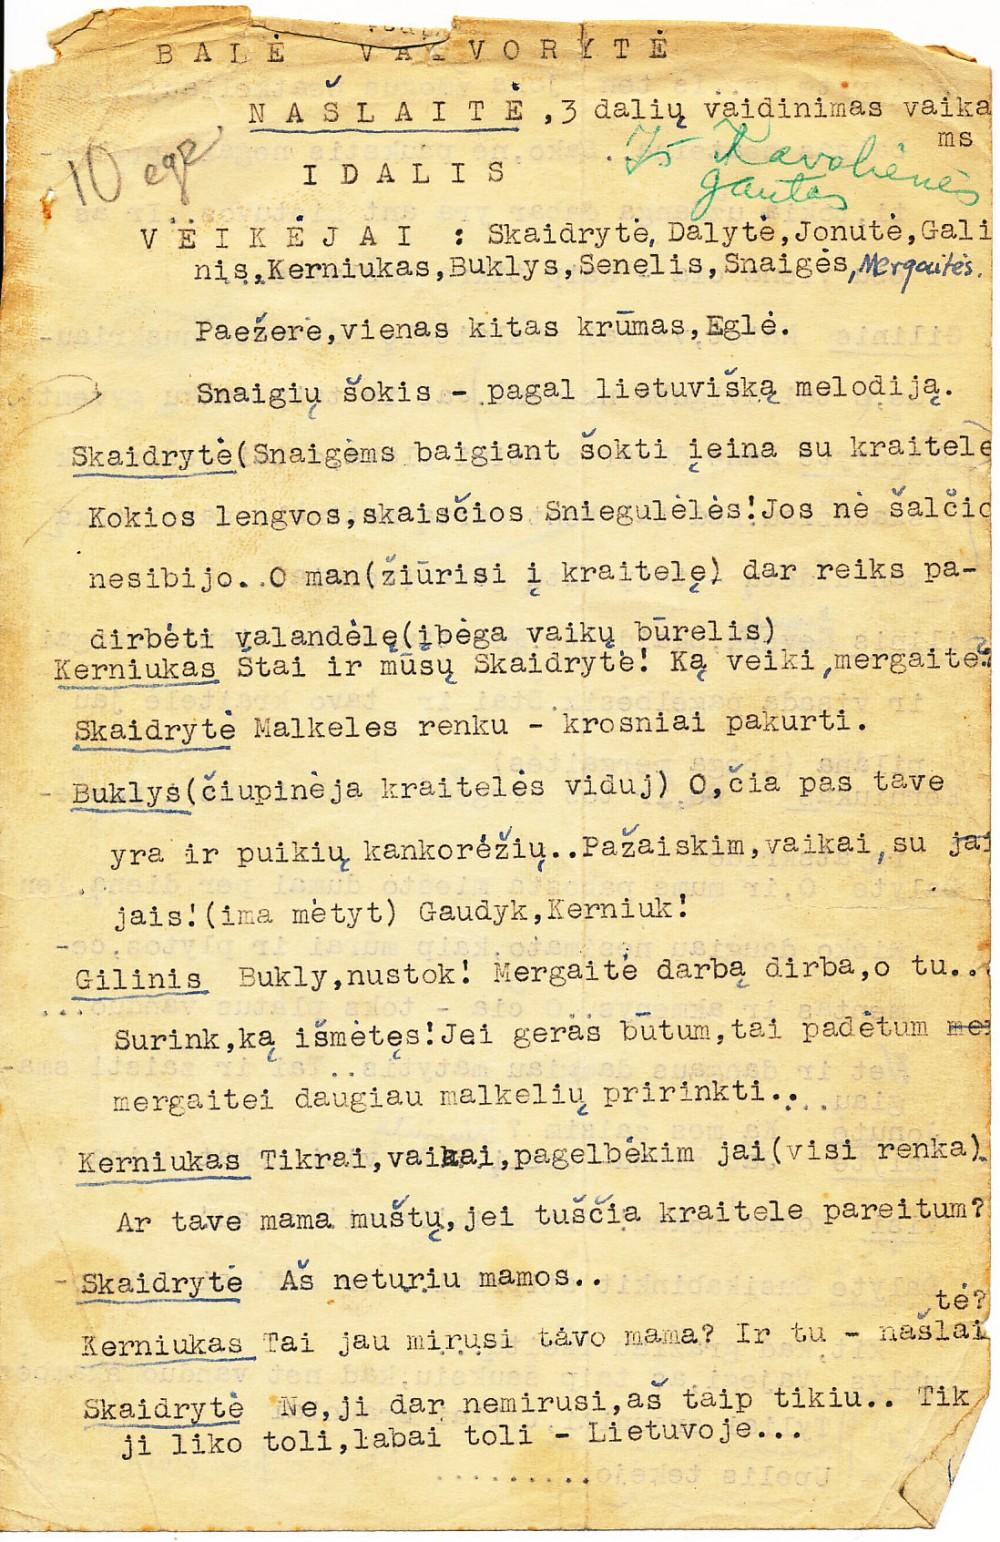 P. Orintaitės mašinraštis su taisymais